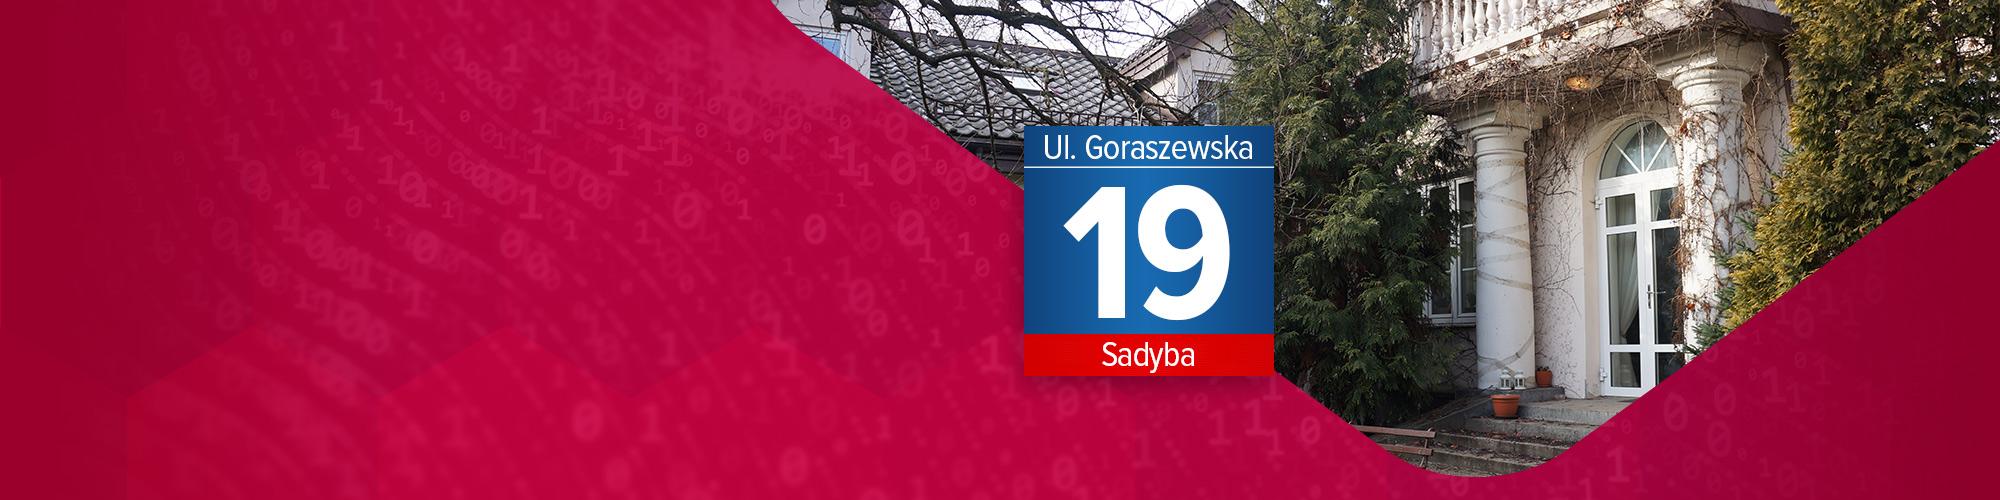 banner_v2_przeprowadzka